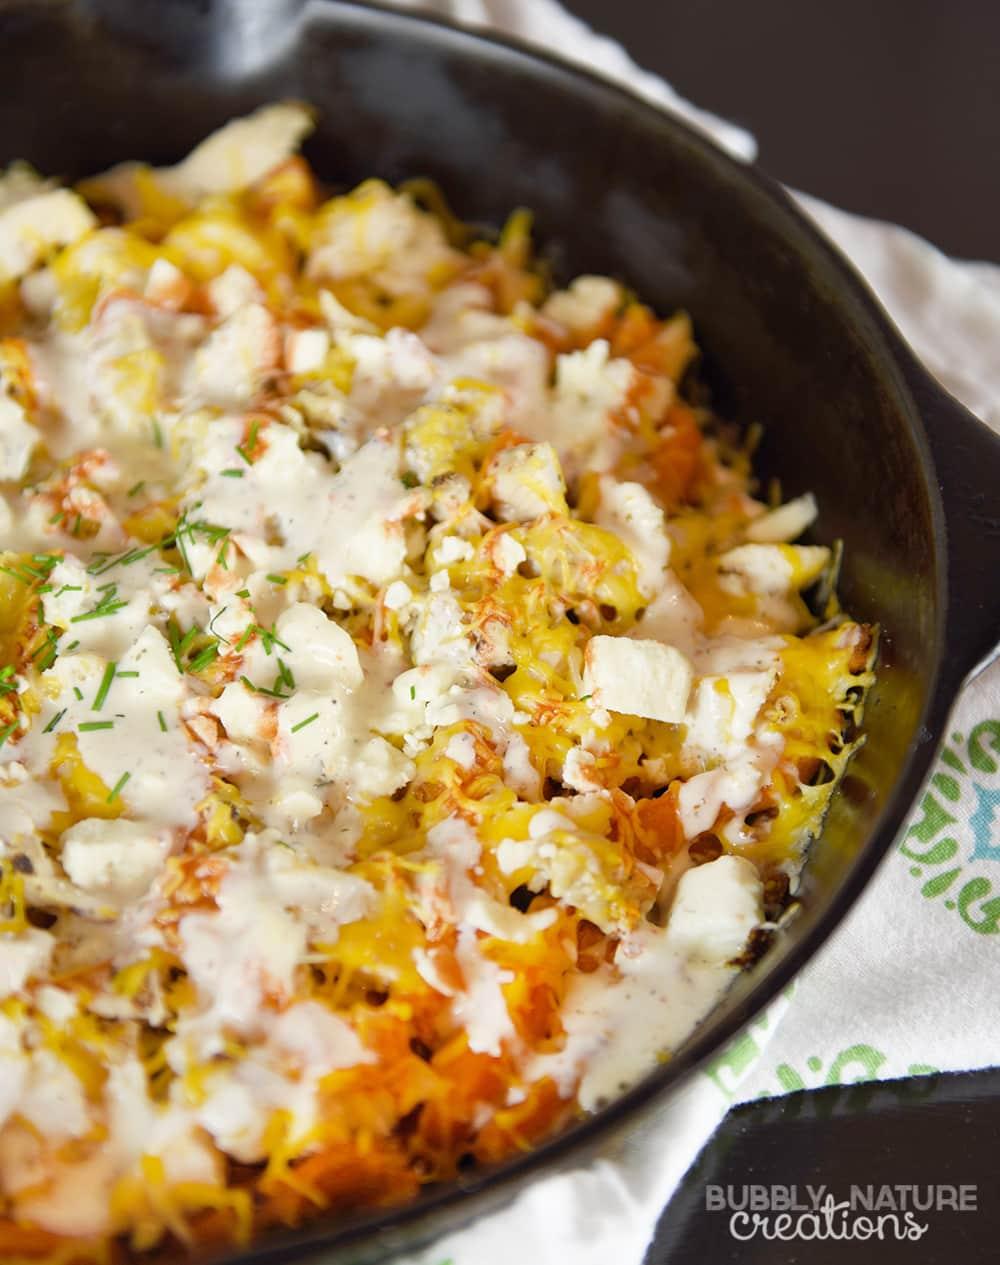 Buffalo Chicken Loaded Sweet Potato Fries - Sprinkle Some Fun